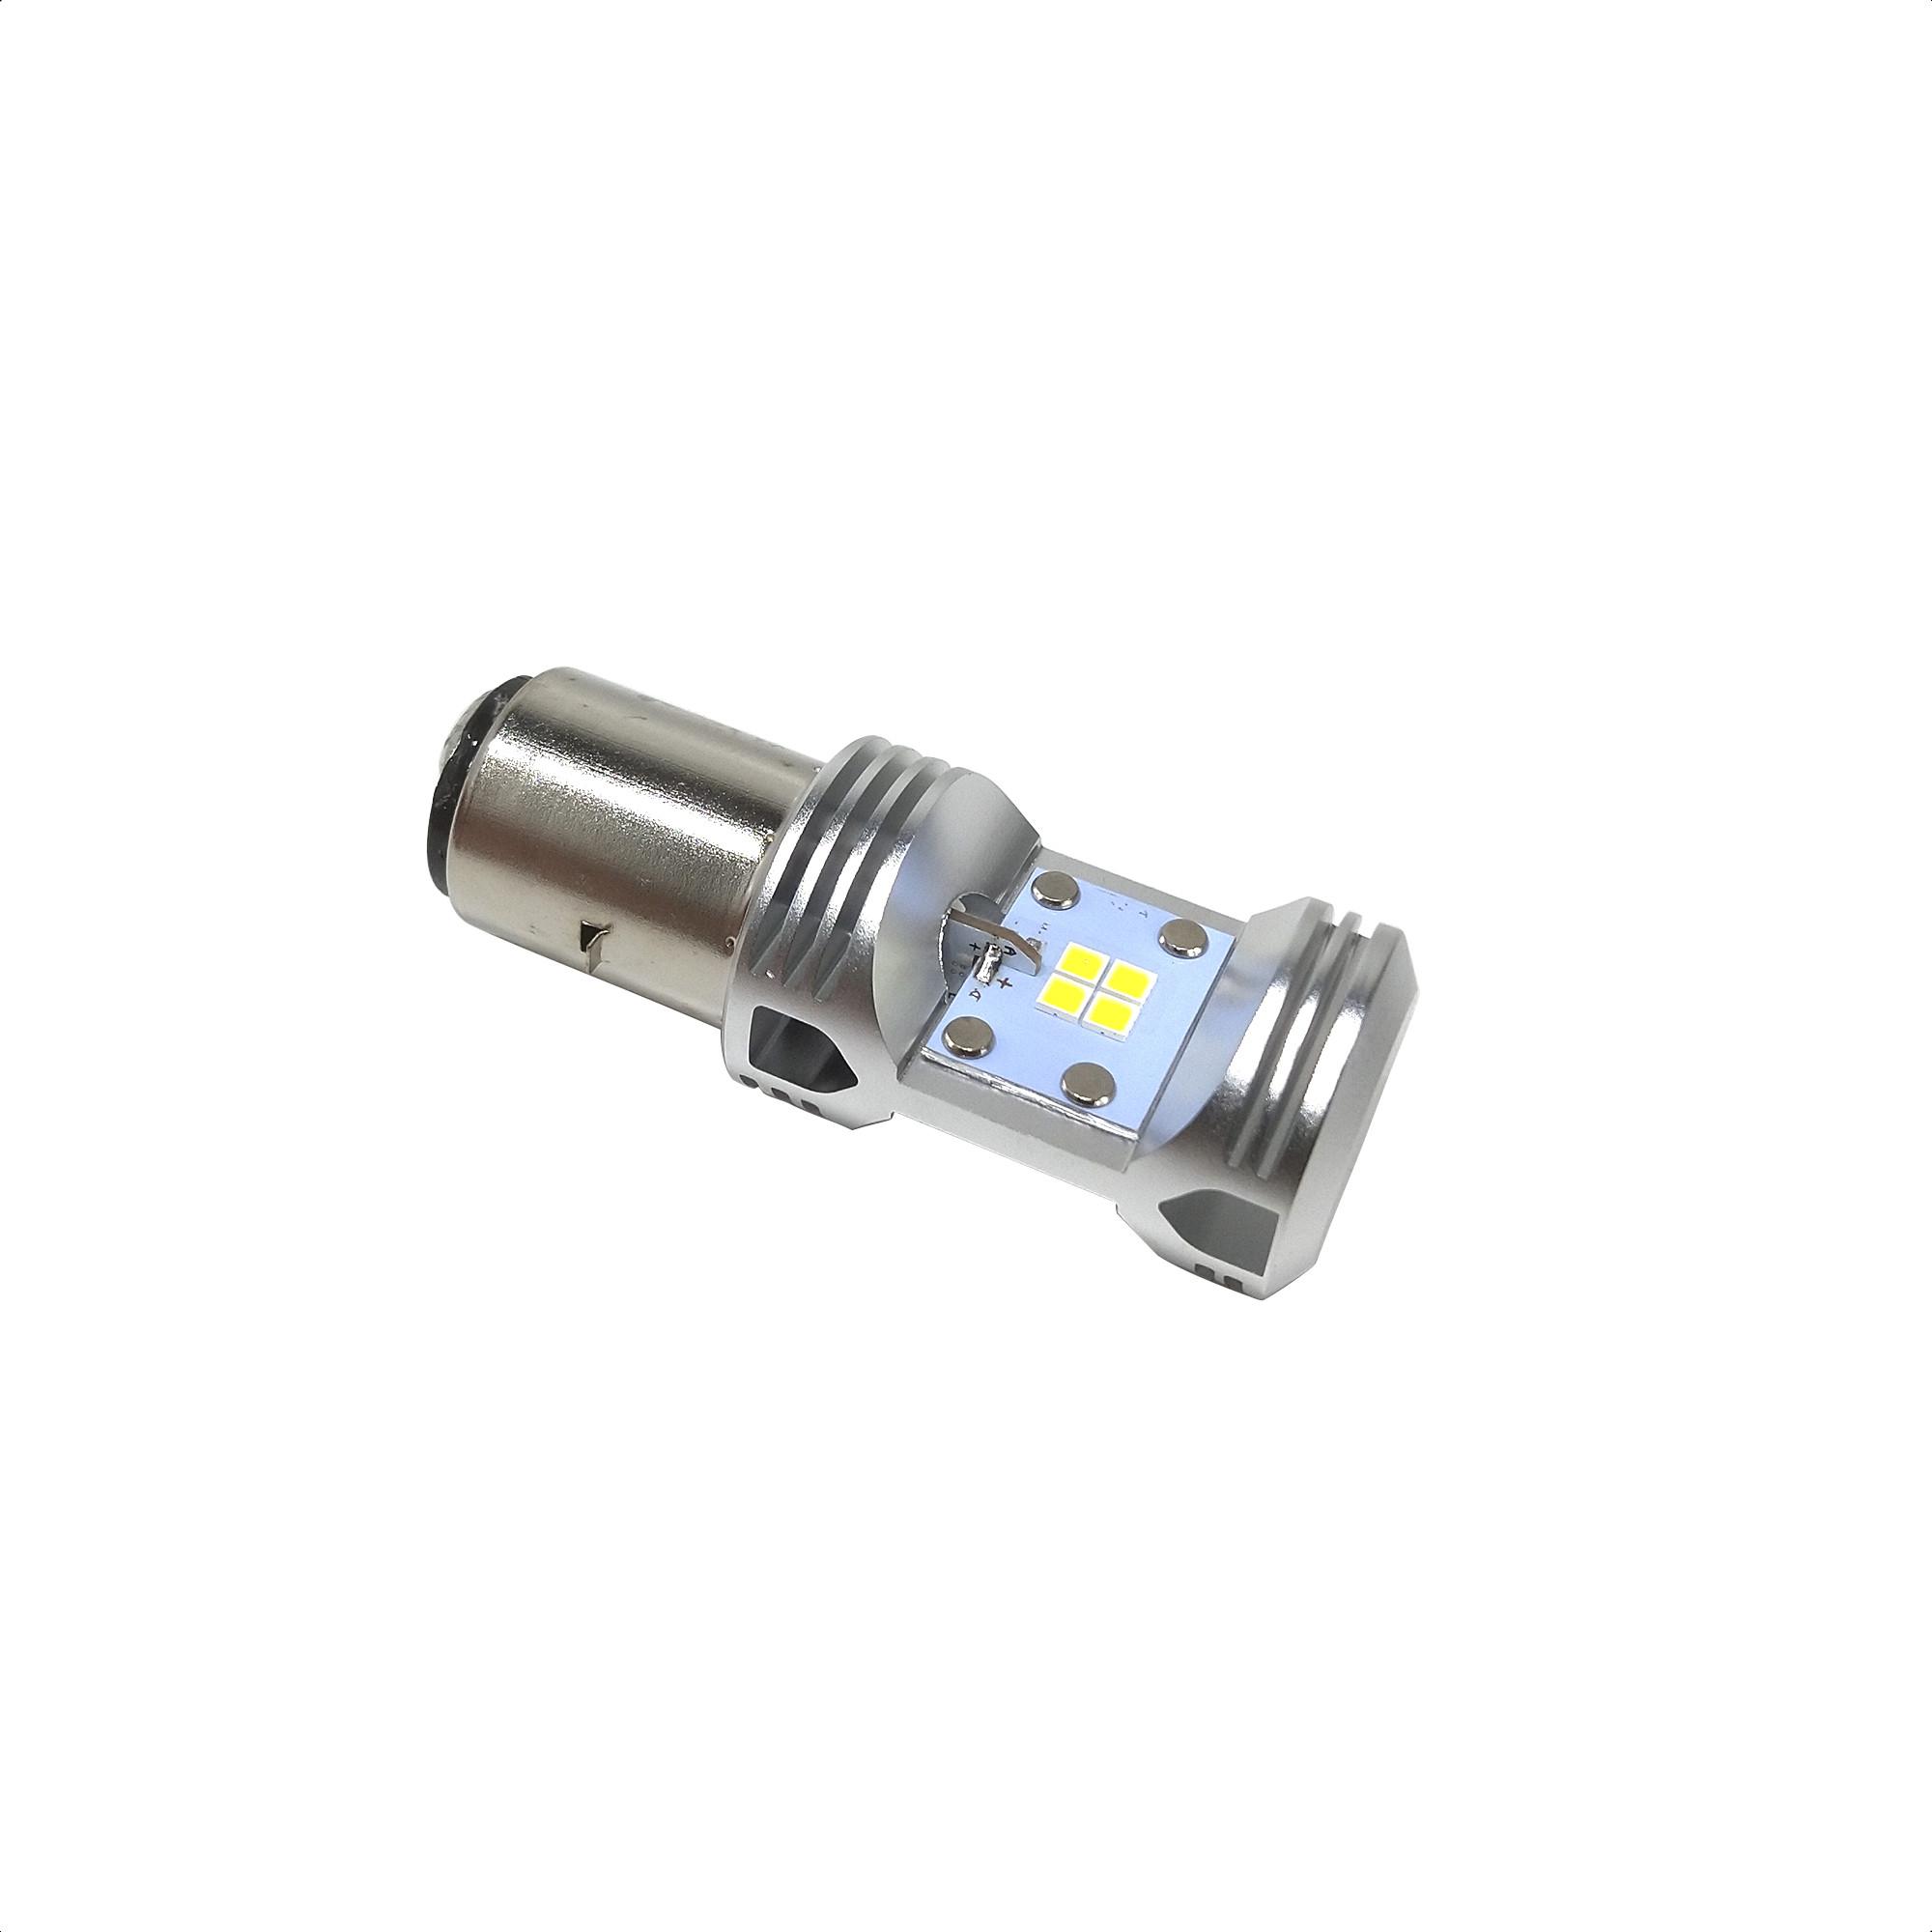 Lampara Led Moto Osram 12v 35 35w Bosch